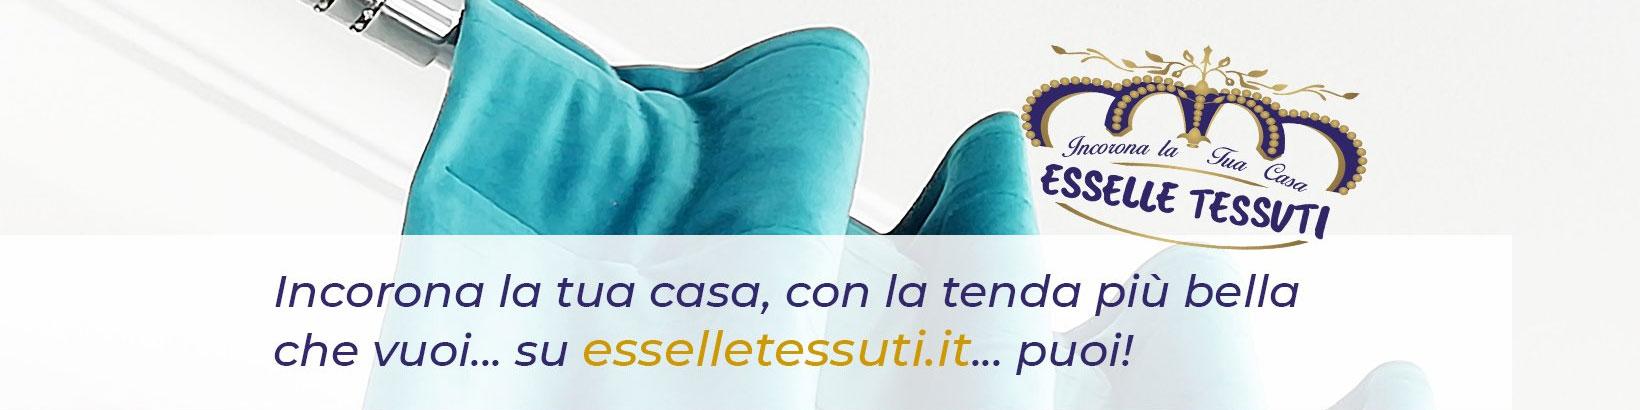 Tende e tessuti al metro in vendita online offertissime for Tessuti per arredamento vendita on line